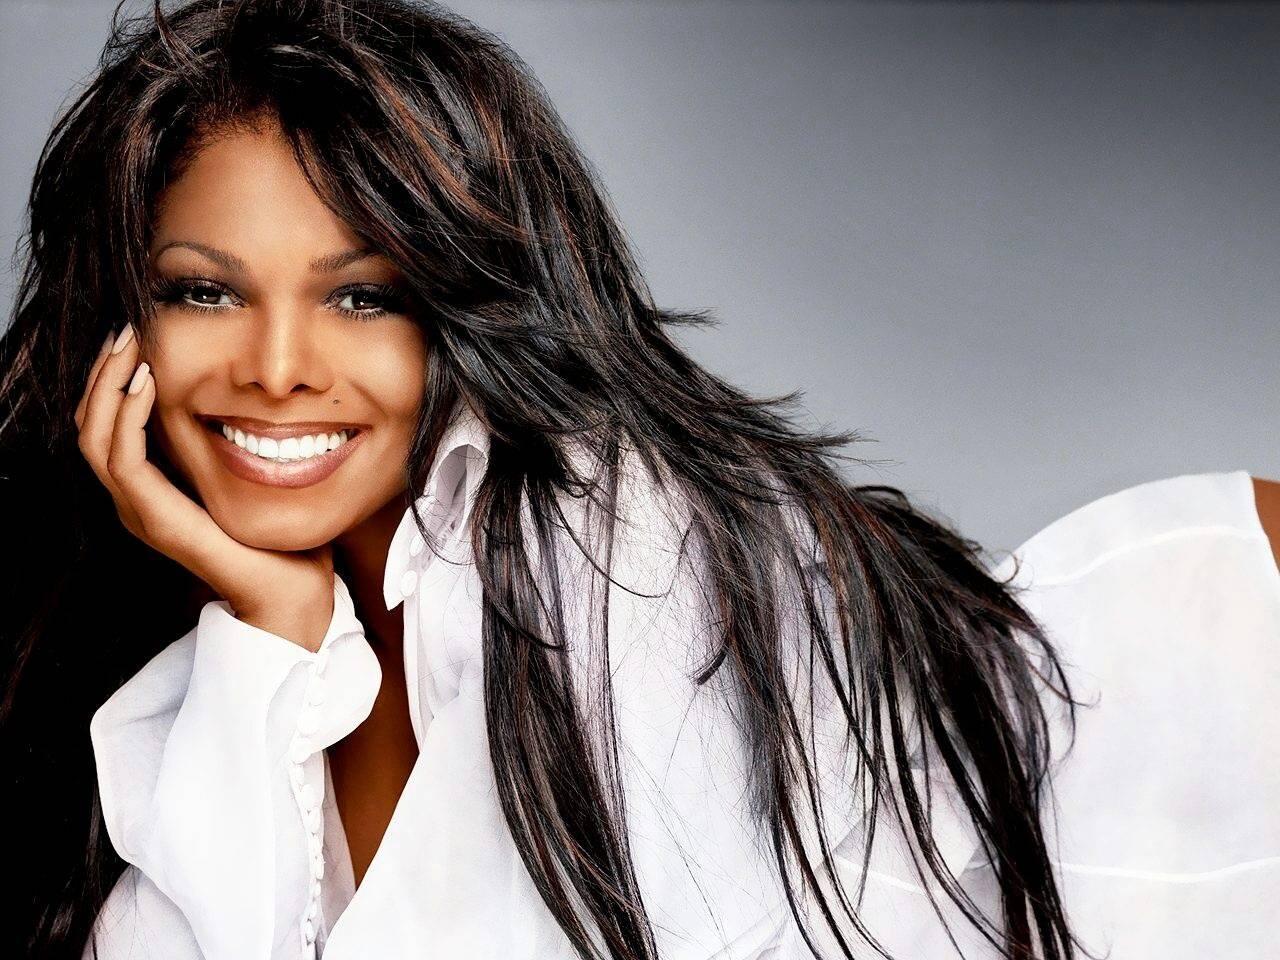 Nemám rakovinu, uklidnila Janet Jackson fanoušky. V Praze v dubnu vystoupí